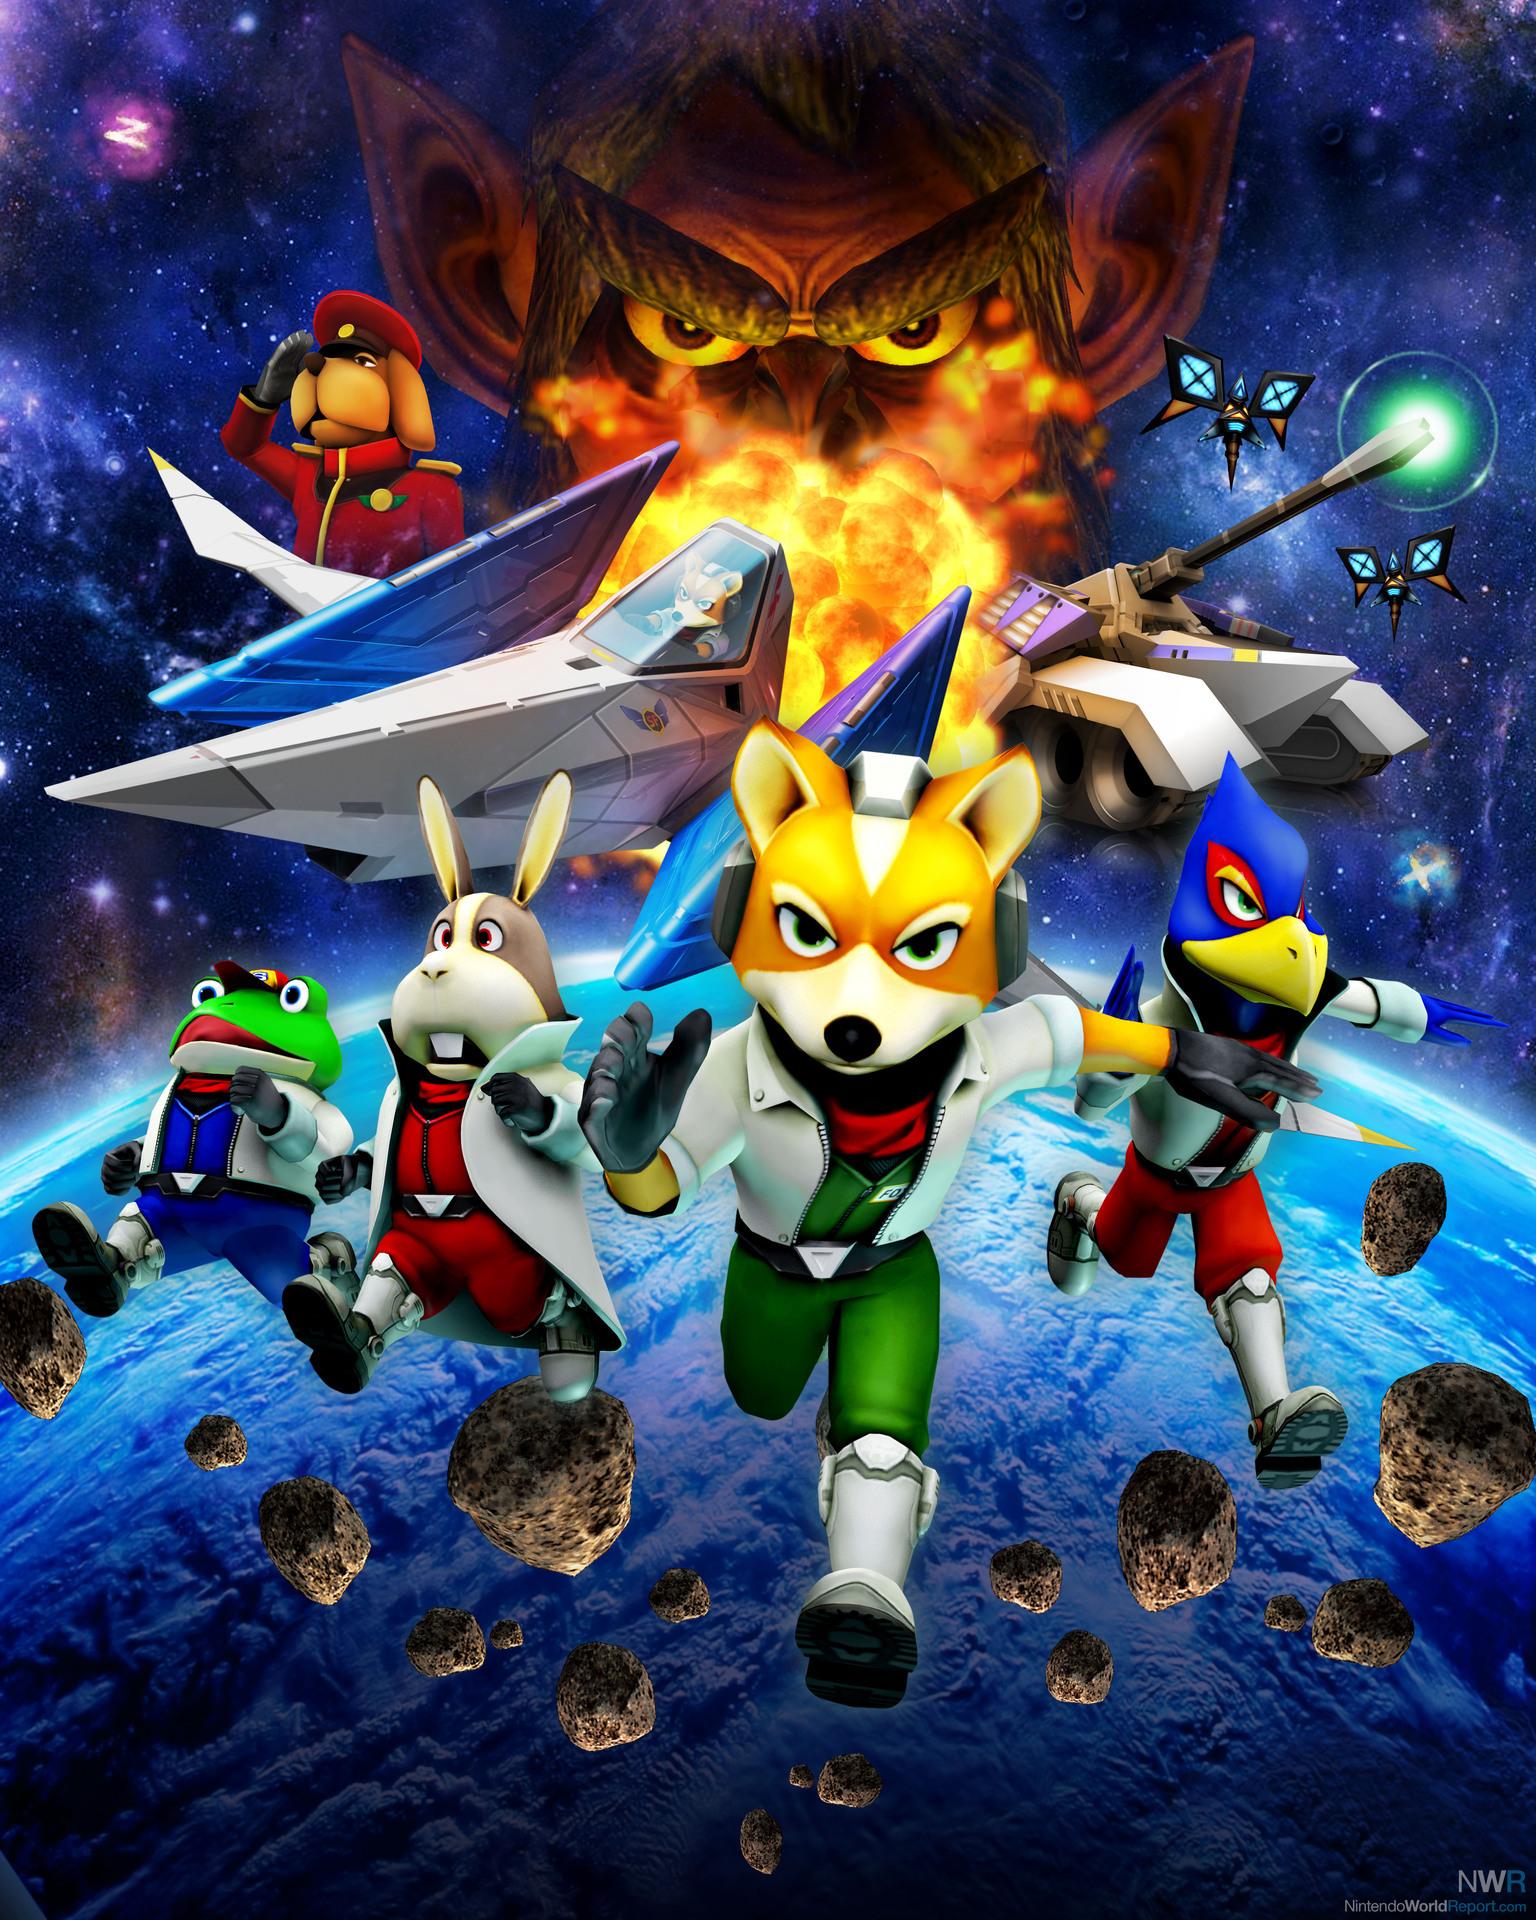 star fox 64 3d ending relationship